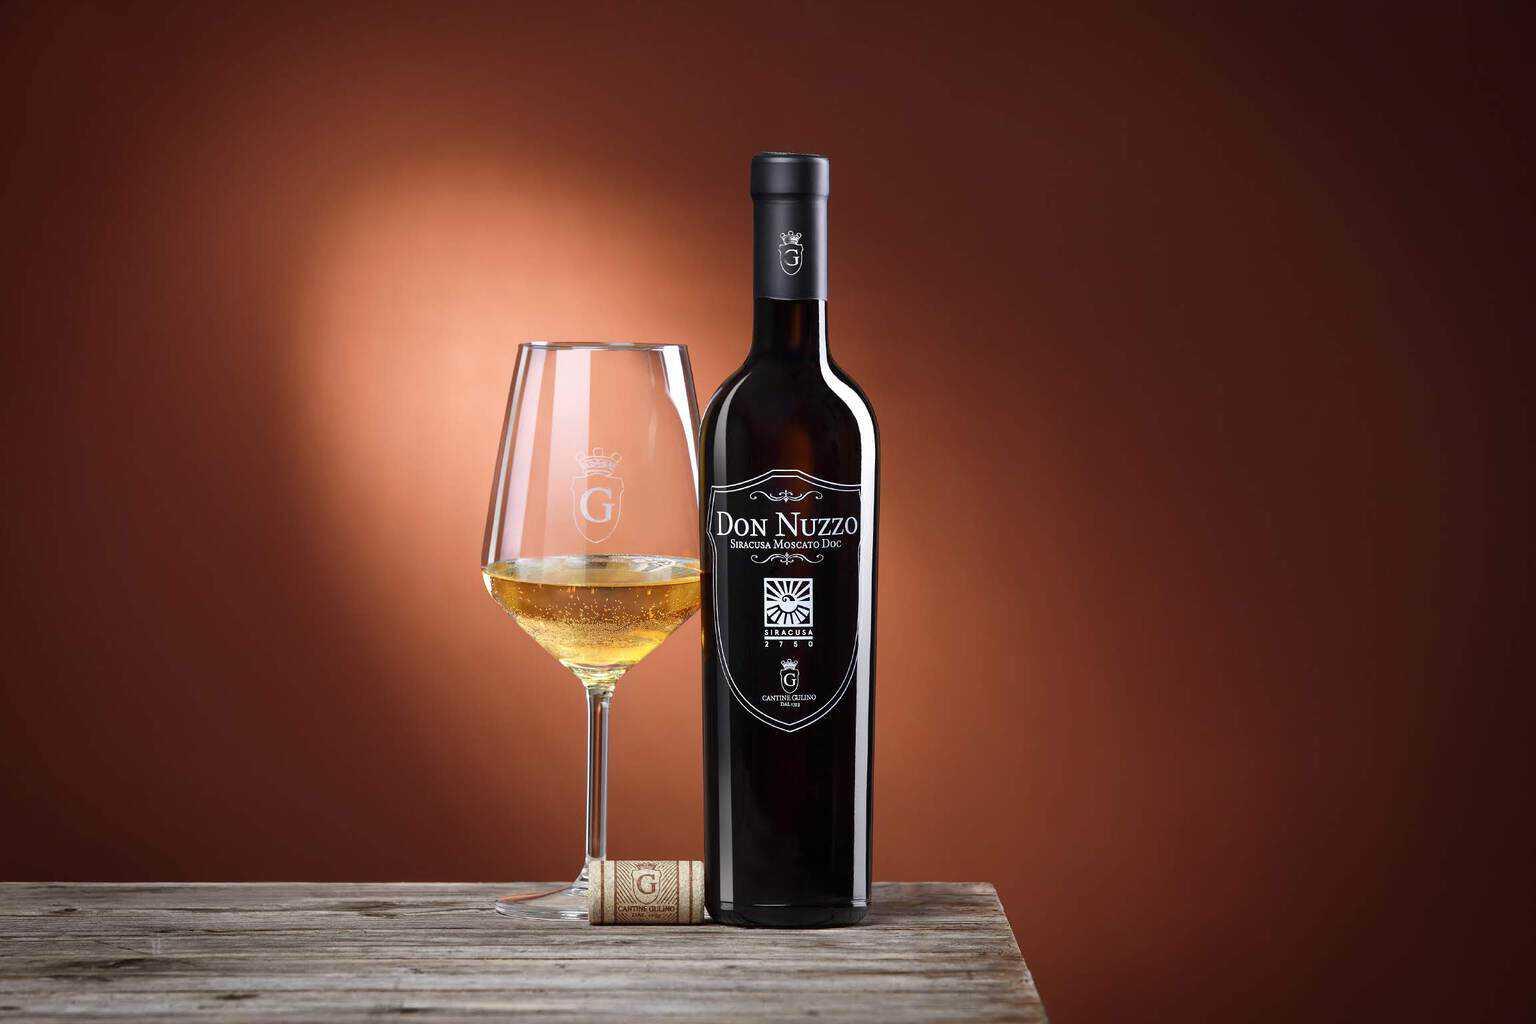 Vini di Sicilia il moscato siracusano che conquistò Mario Soldati - 3- Verina Wine Love